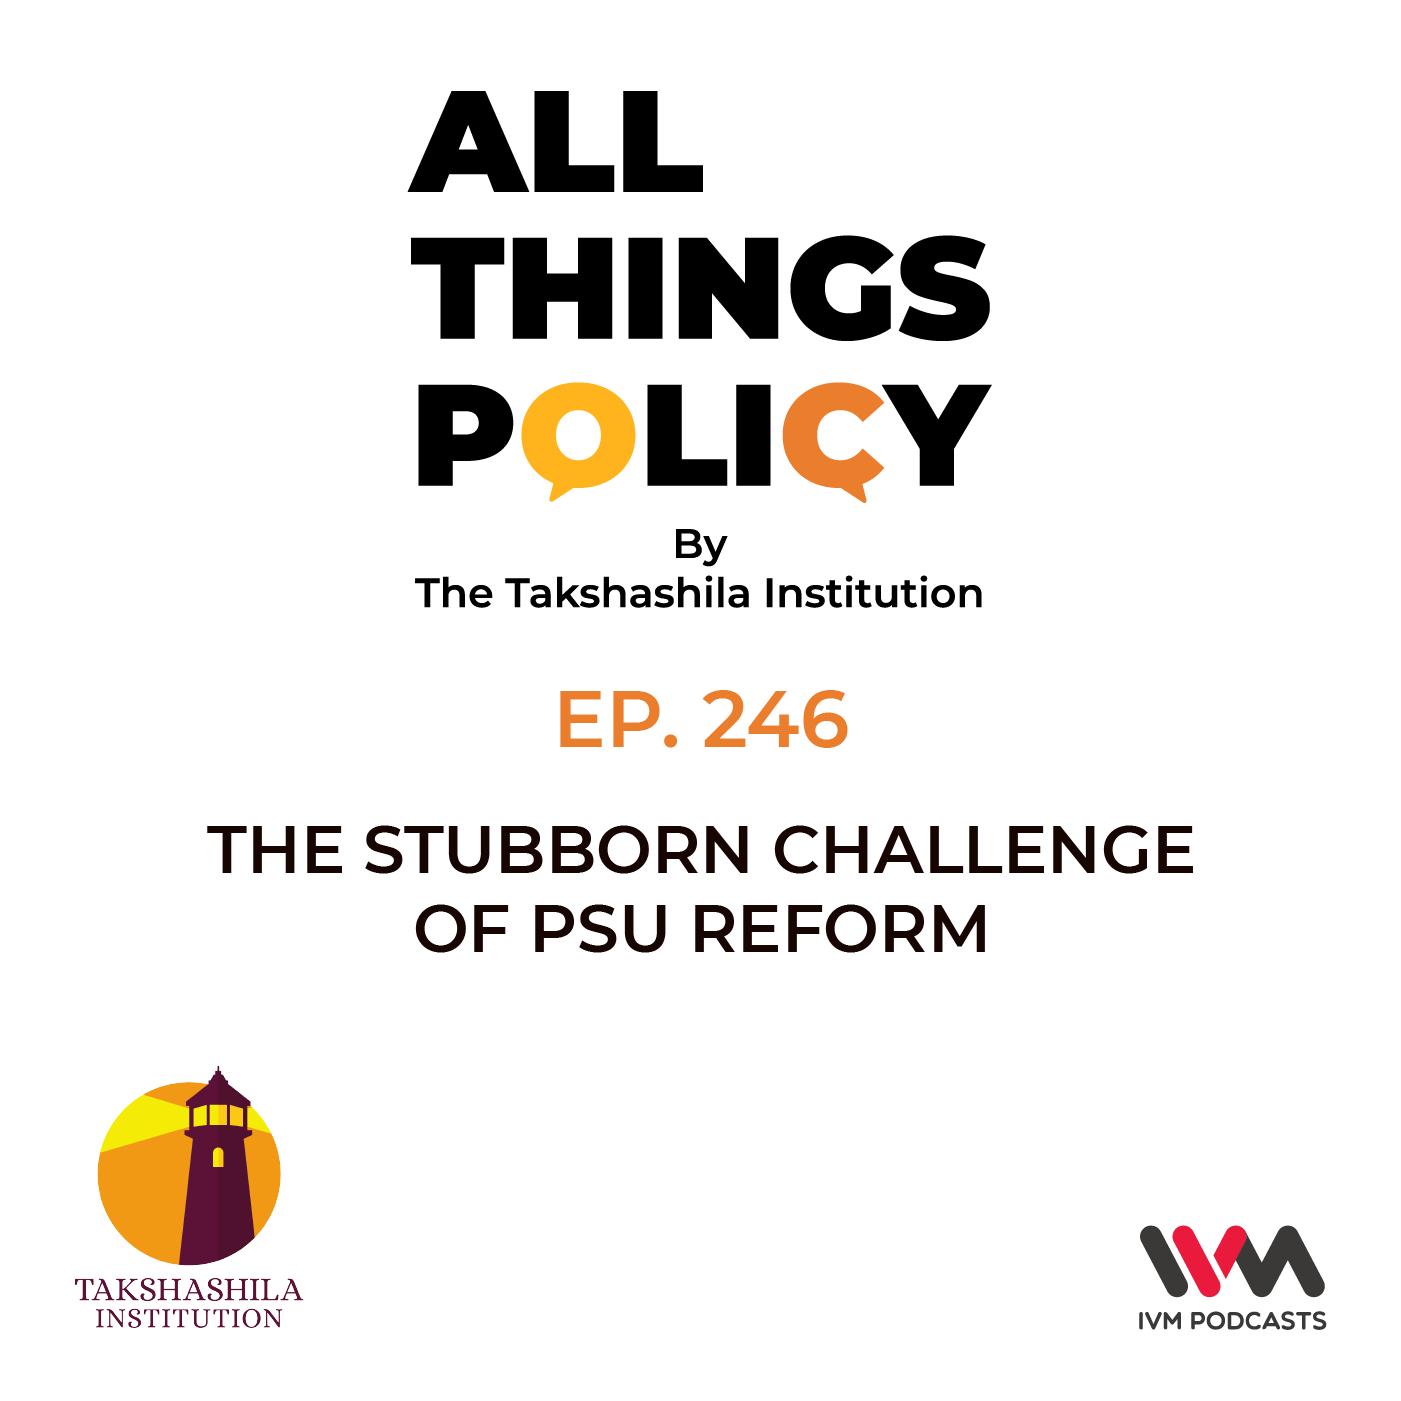 Ep. 246: The Stubborn Challenge of PSU Reform